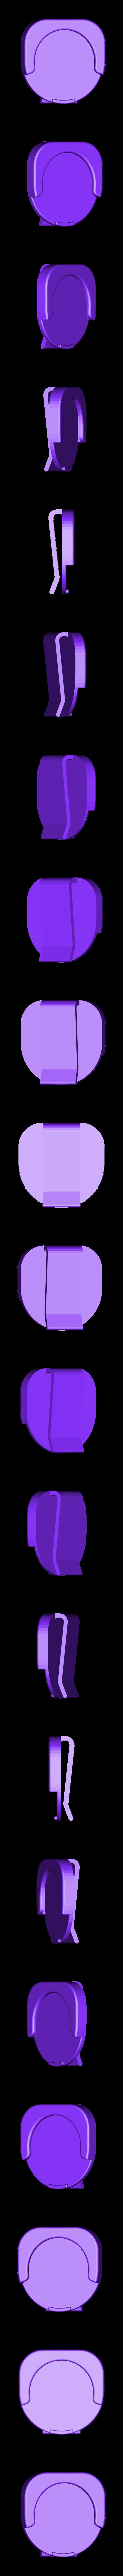 Nespresso_Belt_Clip.stl Download free STL file Nespresso Belt Clip • Design to 3D print, Bugman_140